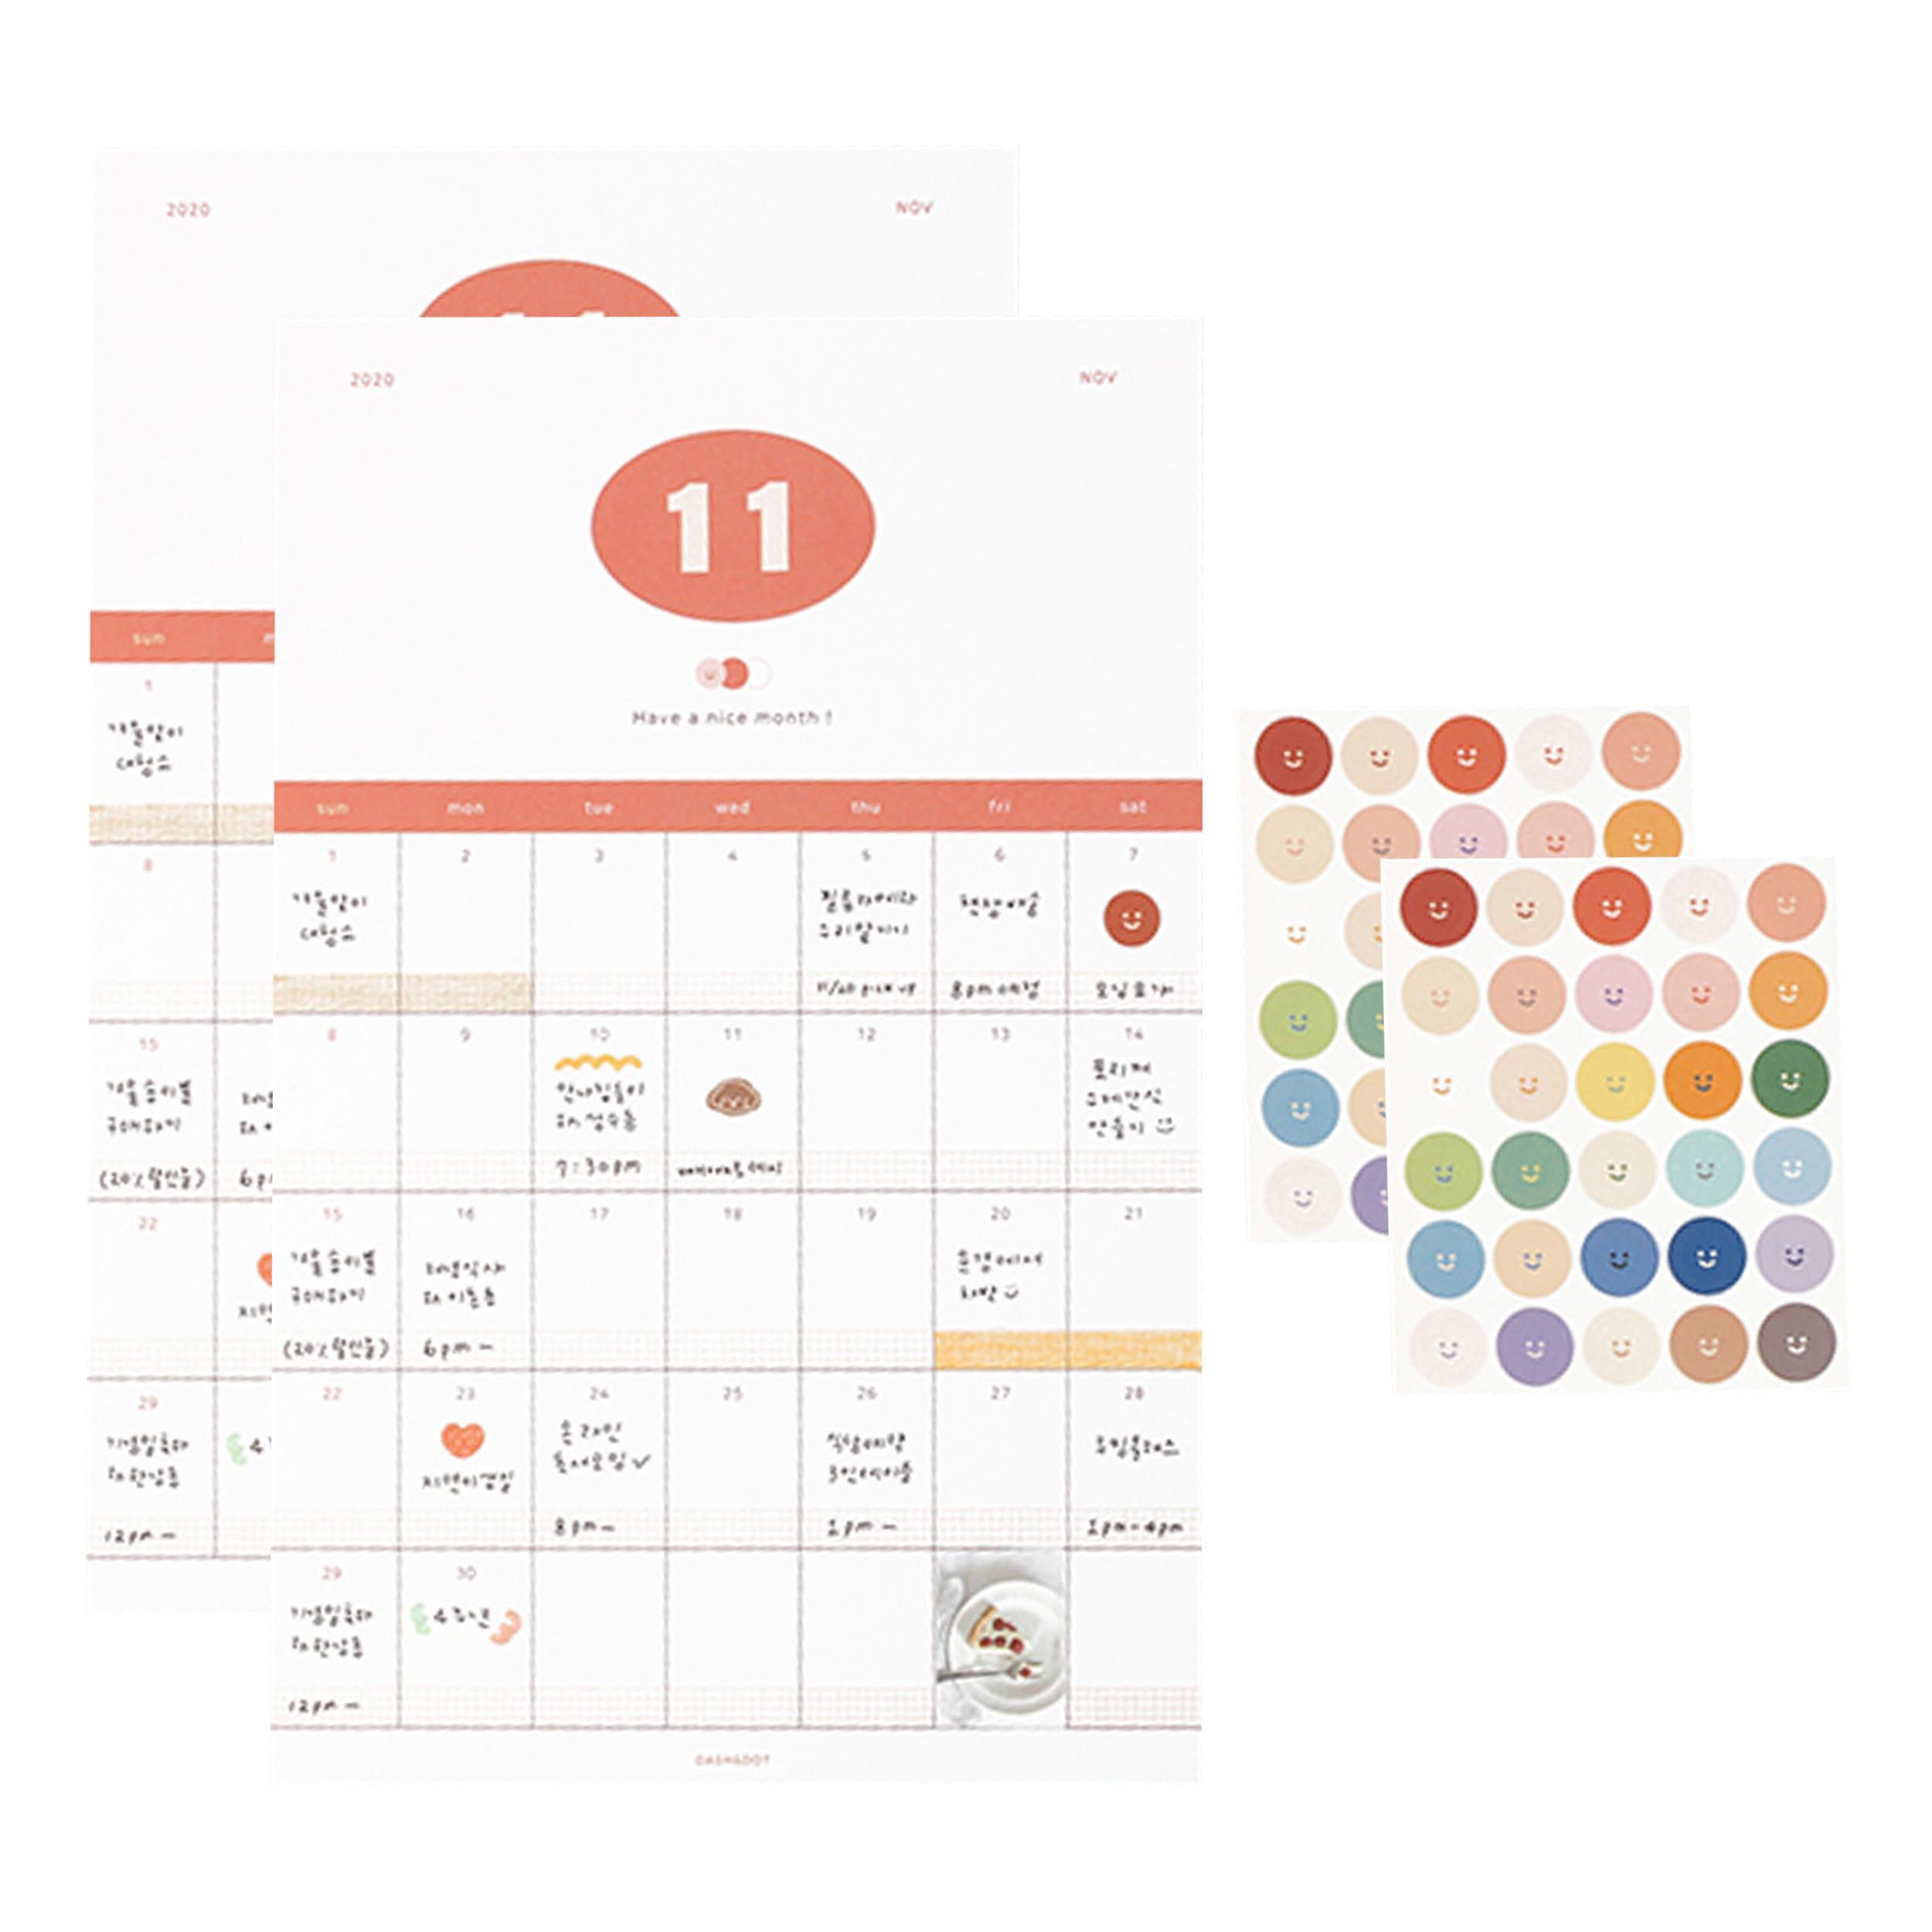 대시앤도트 2021 Have a nice month 캘린더 플래너 2p + 스마일 스티커 2p, 혼합색상